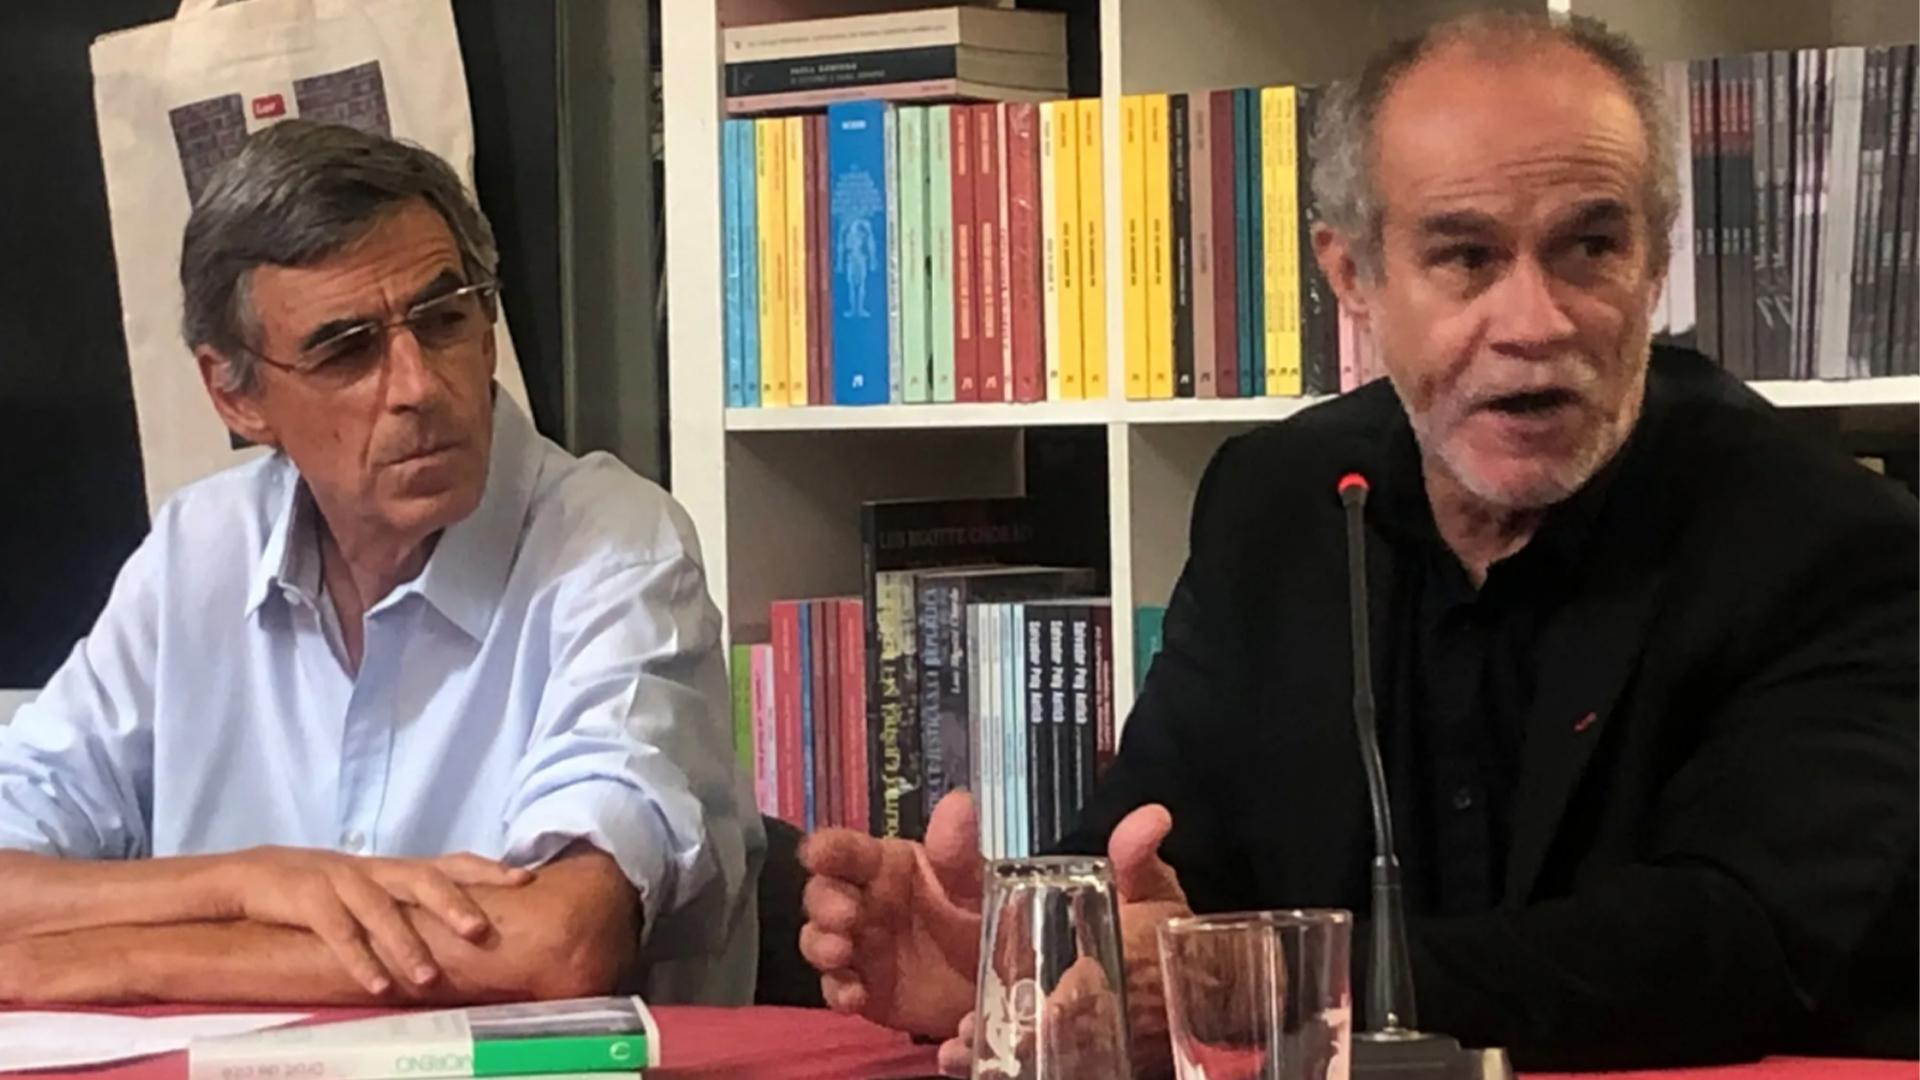 """amensagem – Carlos Moreno em Lisboa: """"O consumo e o produtivismo levaram-nos a vidas urbanas zombies. Temos de mudar."""" Veja o vídeo – 9 septembre 2021"""